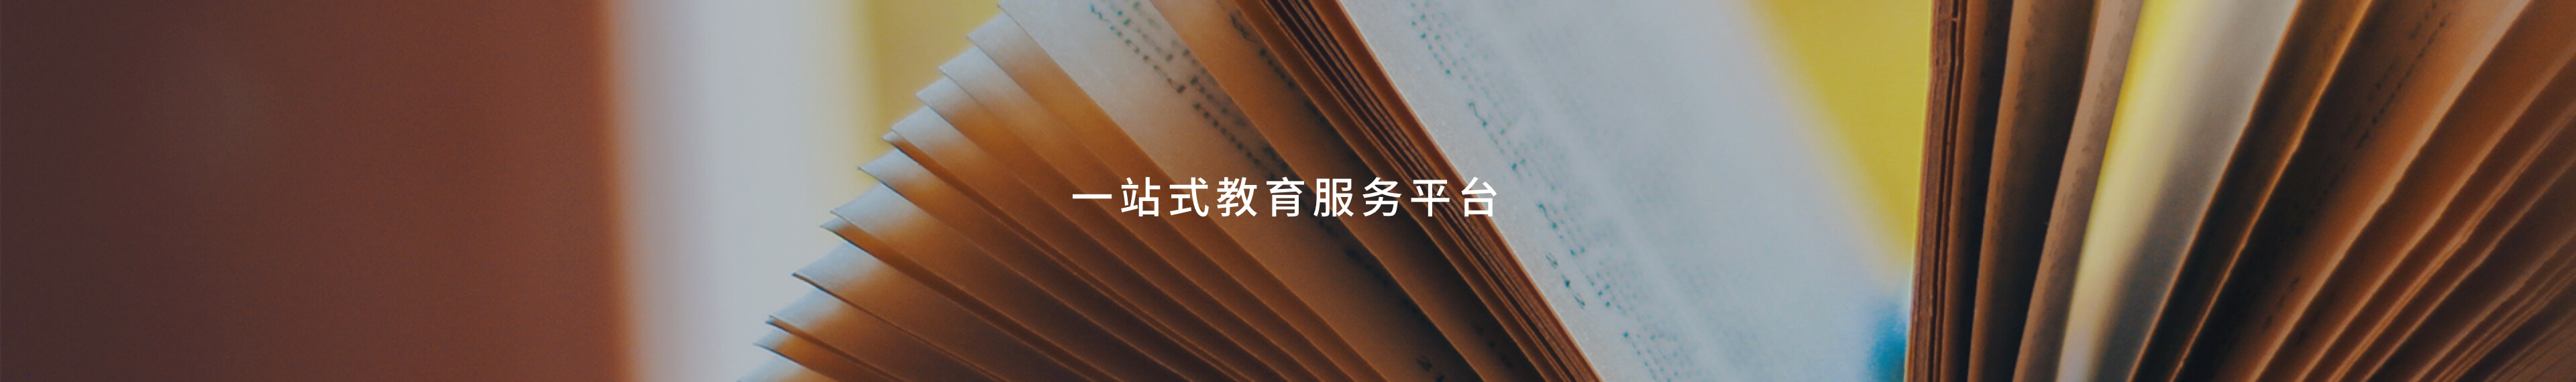 潭州一站式在线成人视频 平台